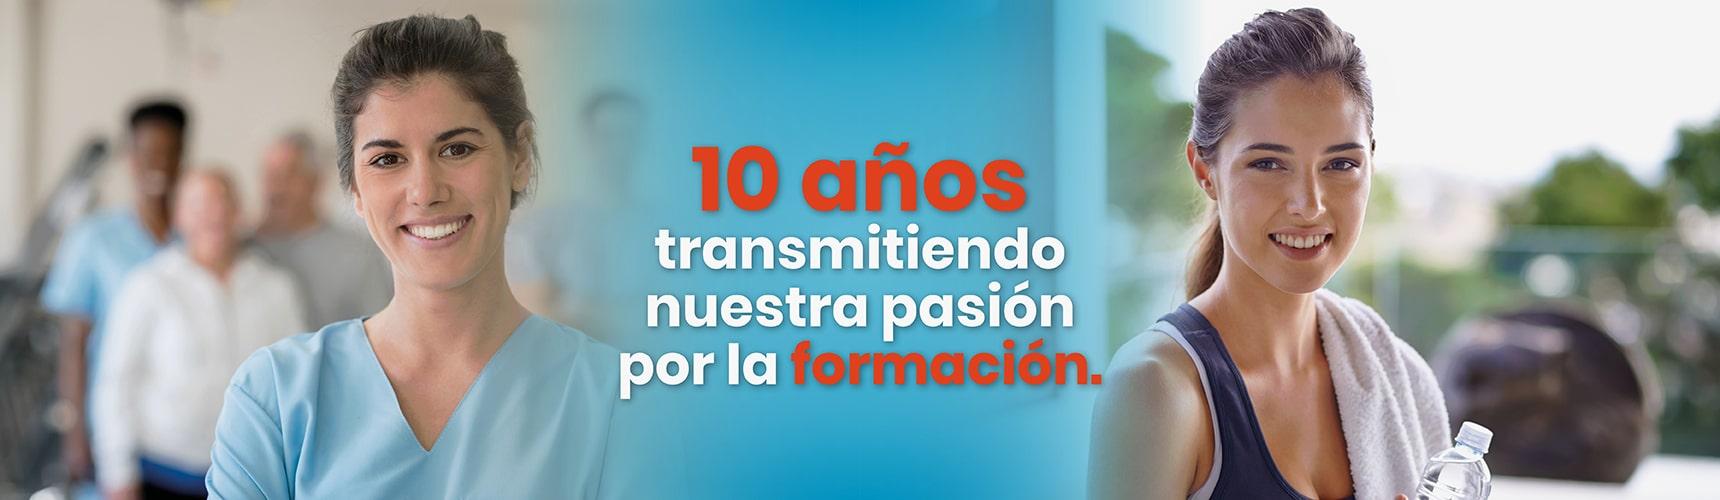 10 años transmitiendo nuestra pasión por la formación